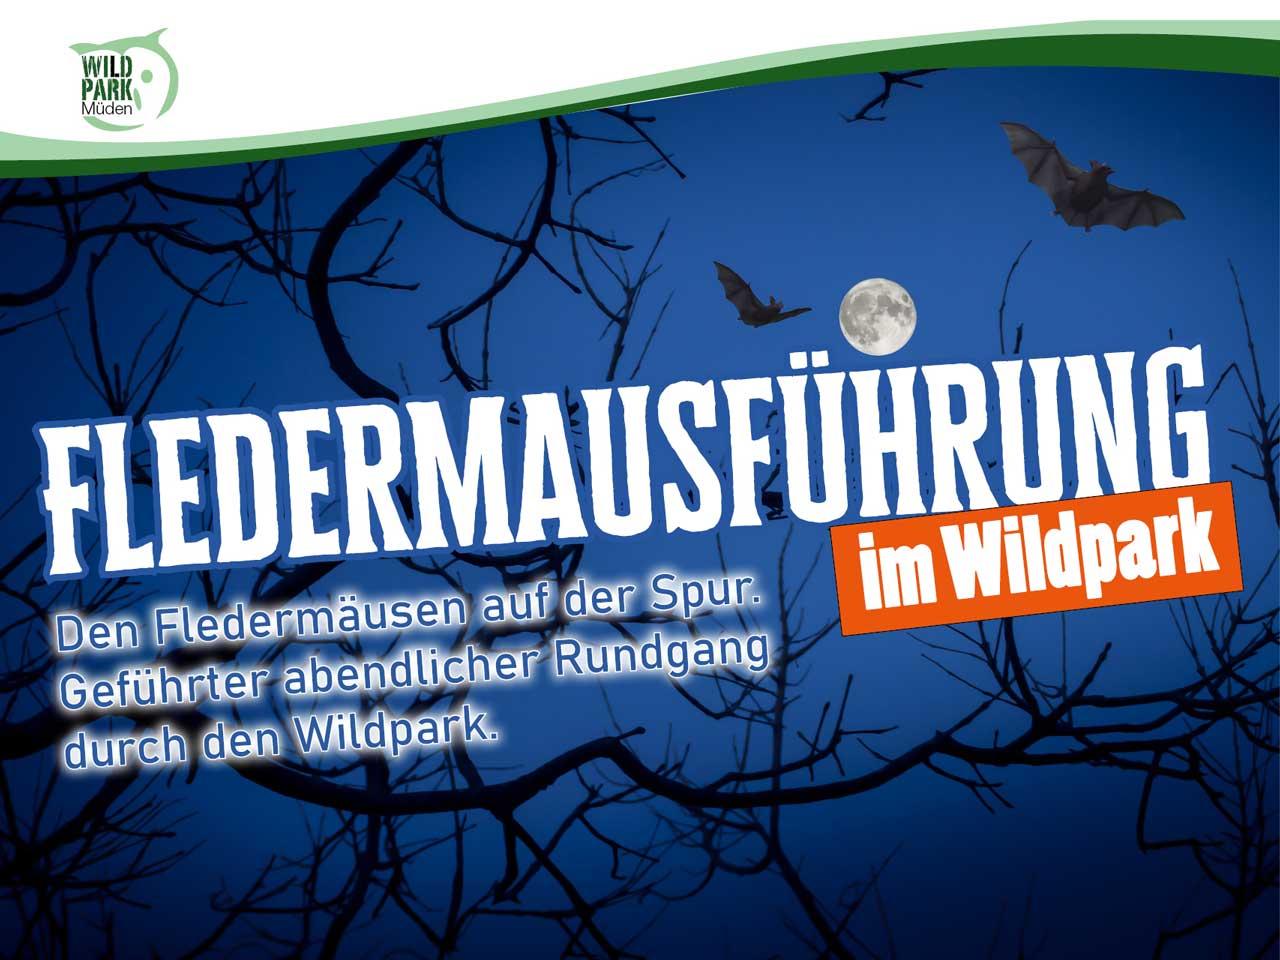 Feldermausführung im Wildpark